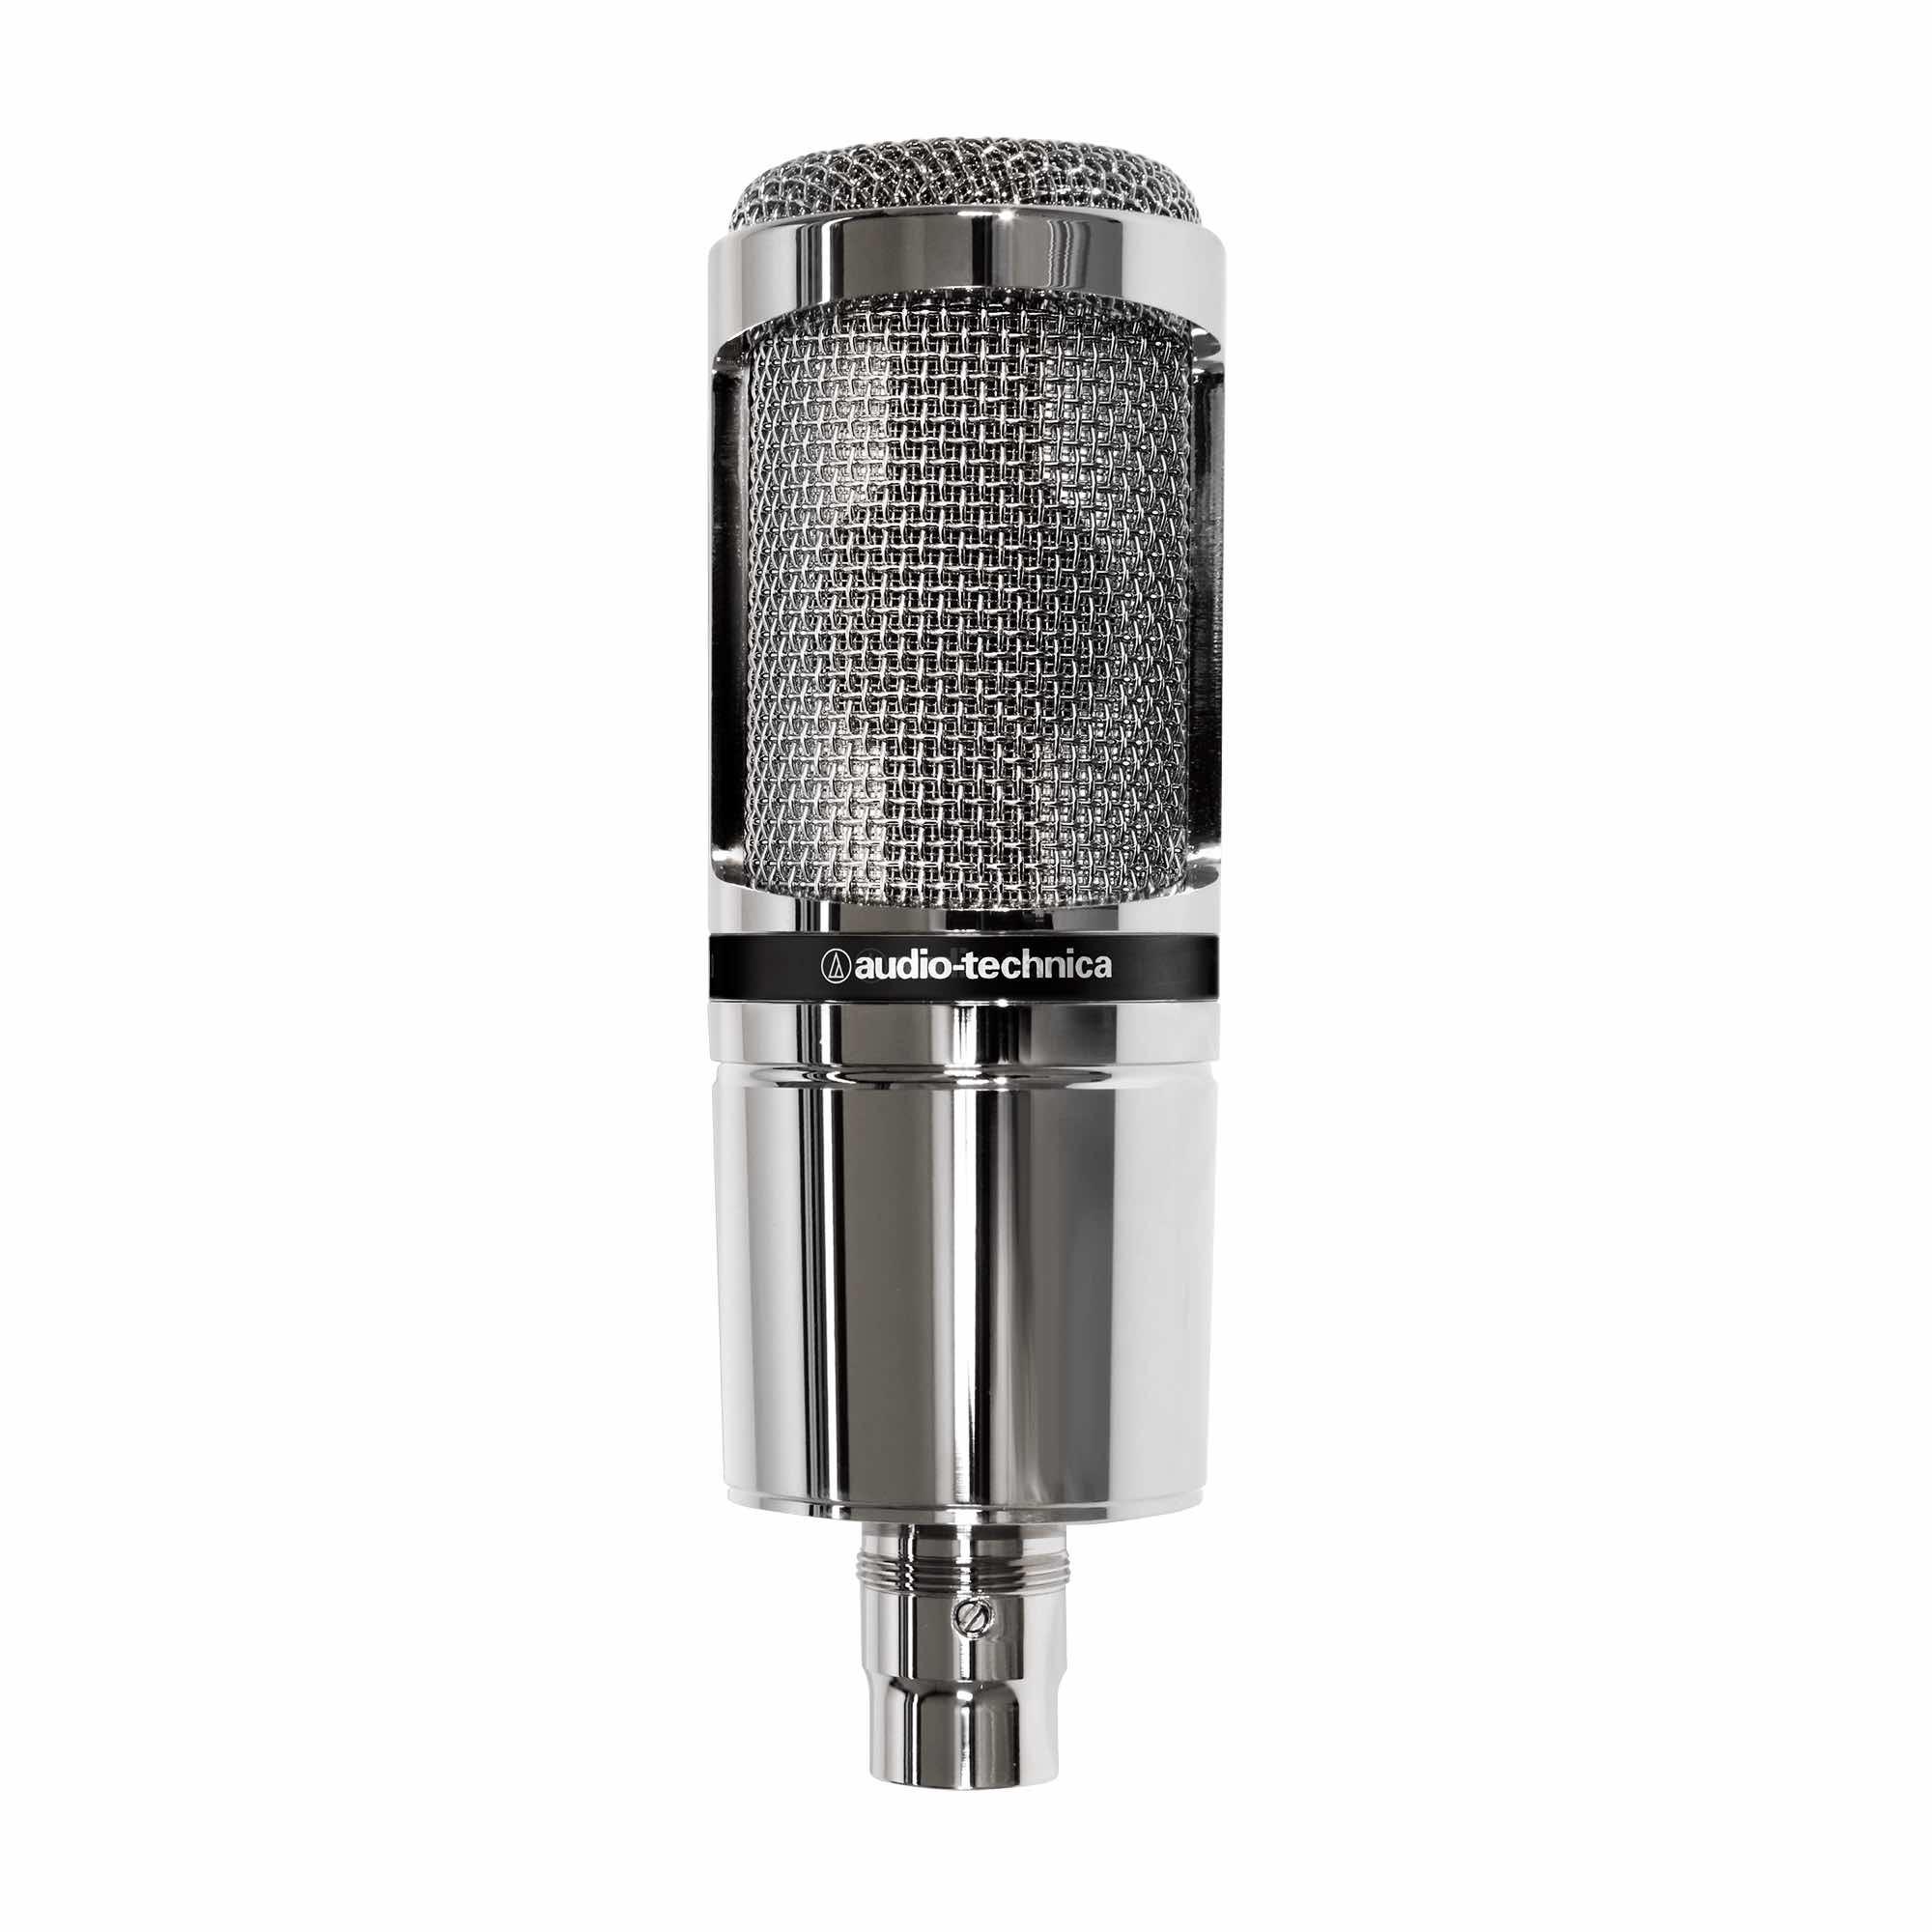 Audio-Technica AT2020 mic recording home studio sisme strumenti musicali